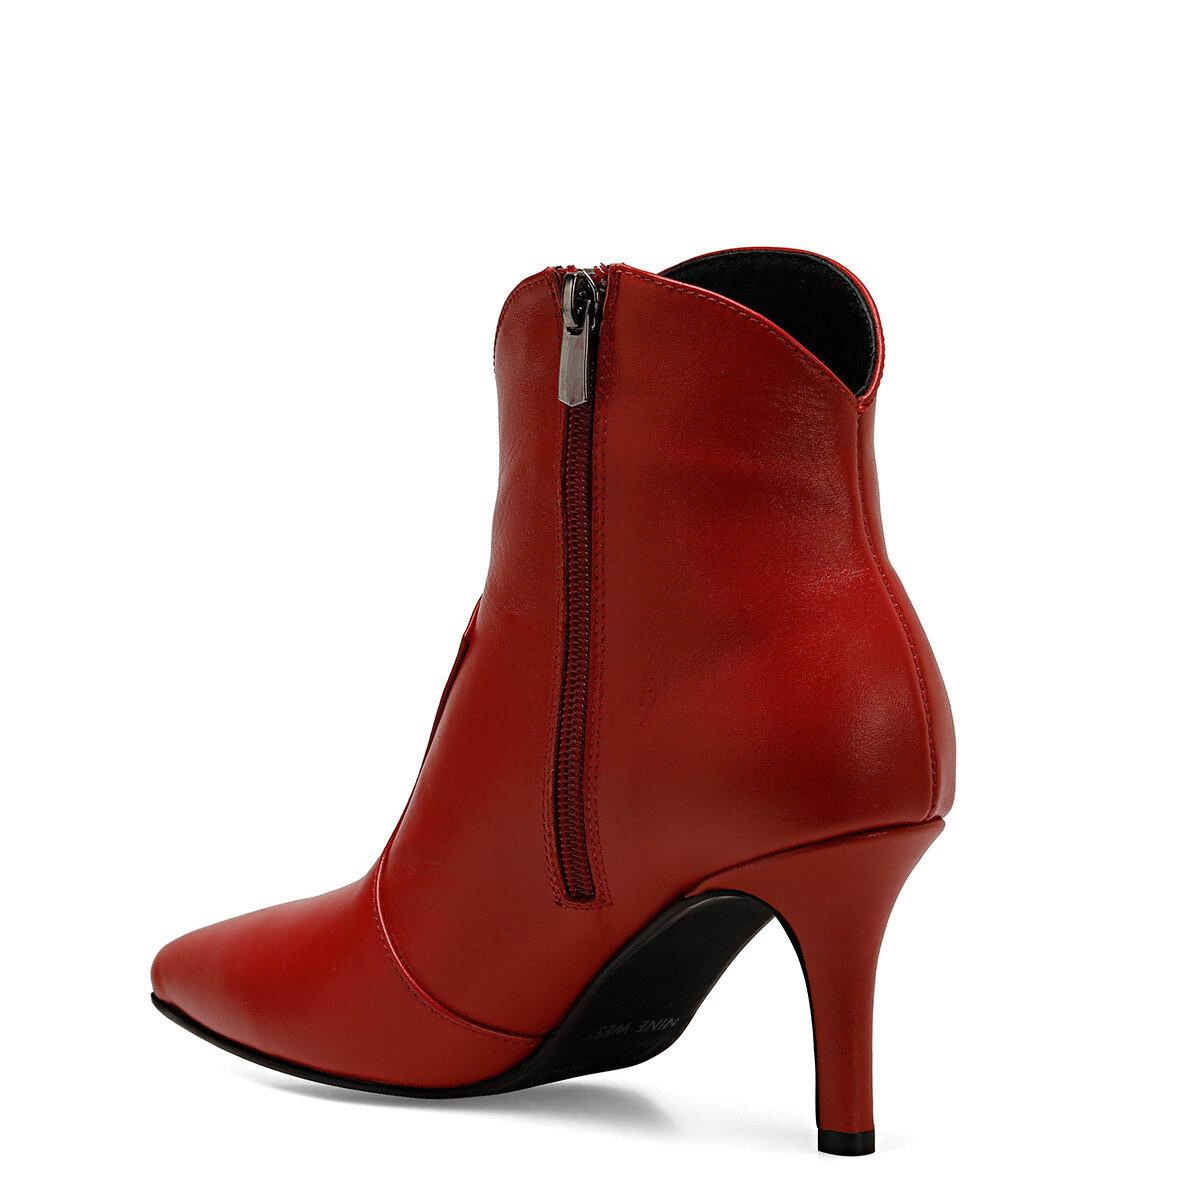 WINCO Kırmızı Kadın Topuklu Bot